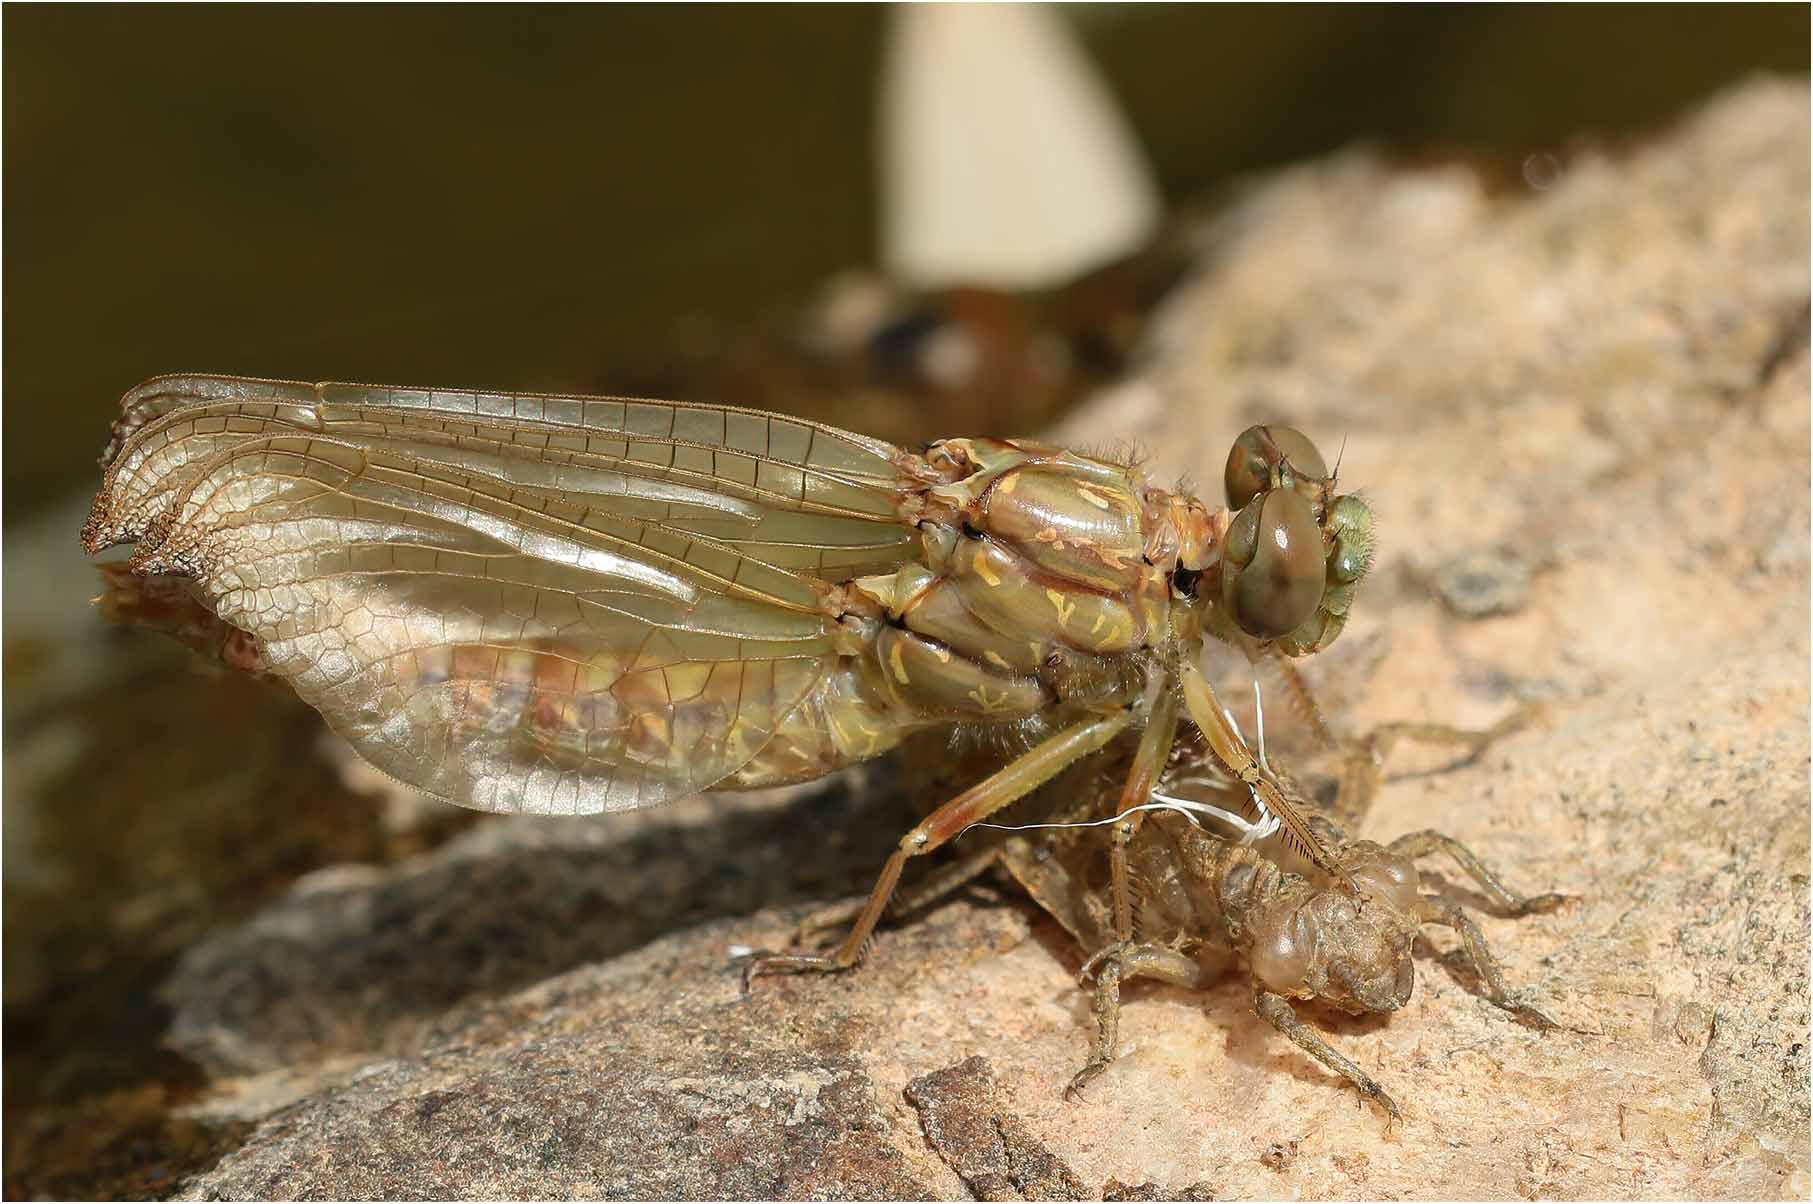 Onychogomphus forcipatus unguiculatus femelle en fin d'émergence, la Prade (Ardèche-07) sur la Ligne, 15/07/2020